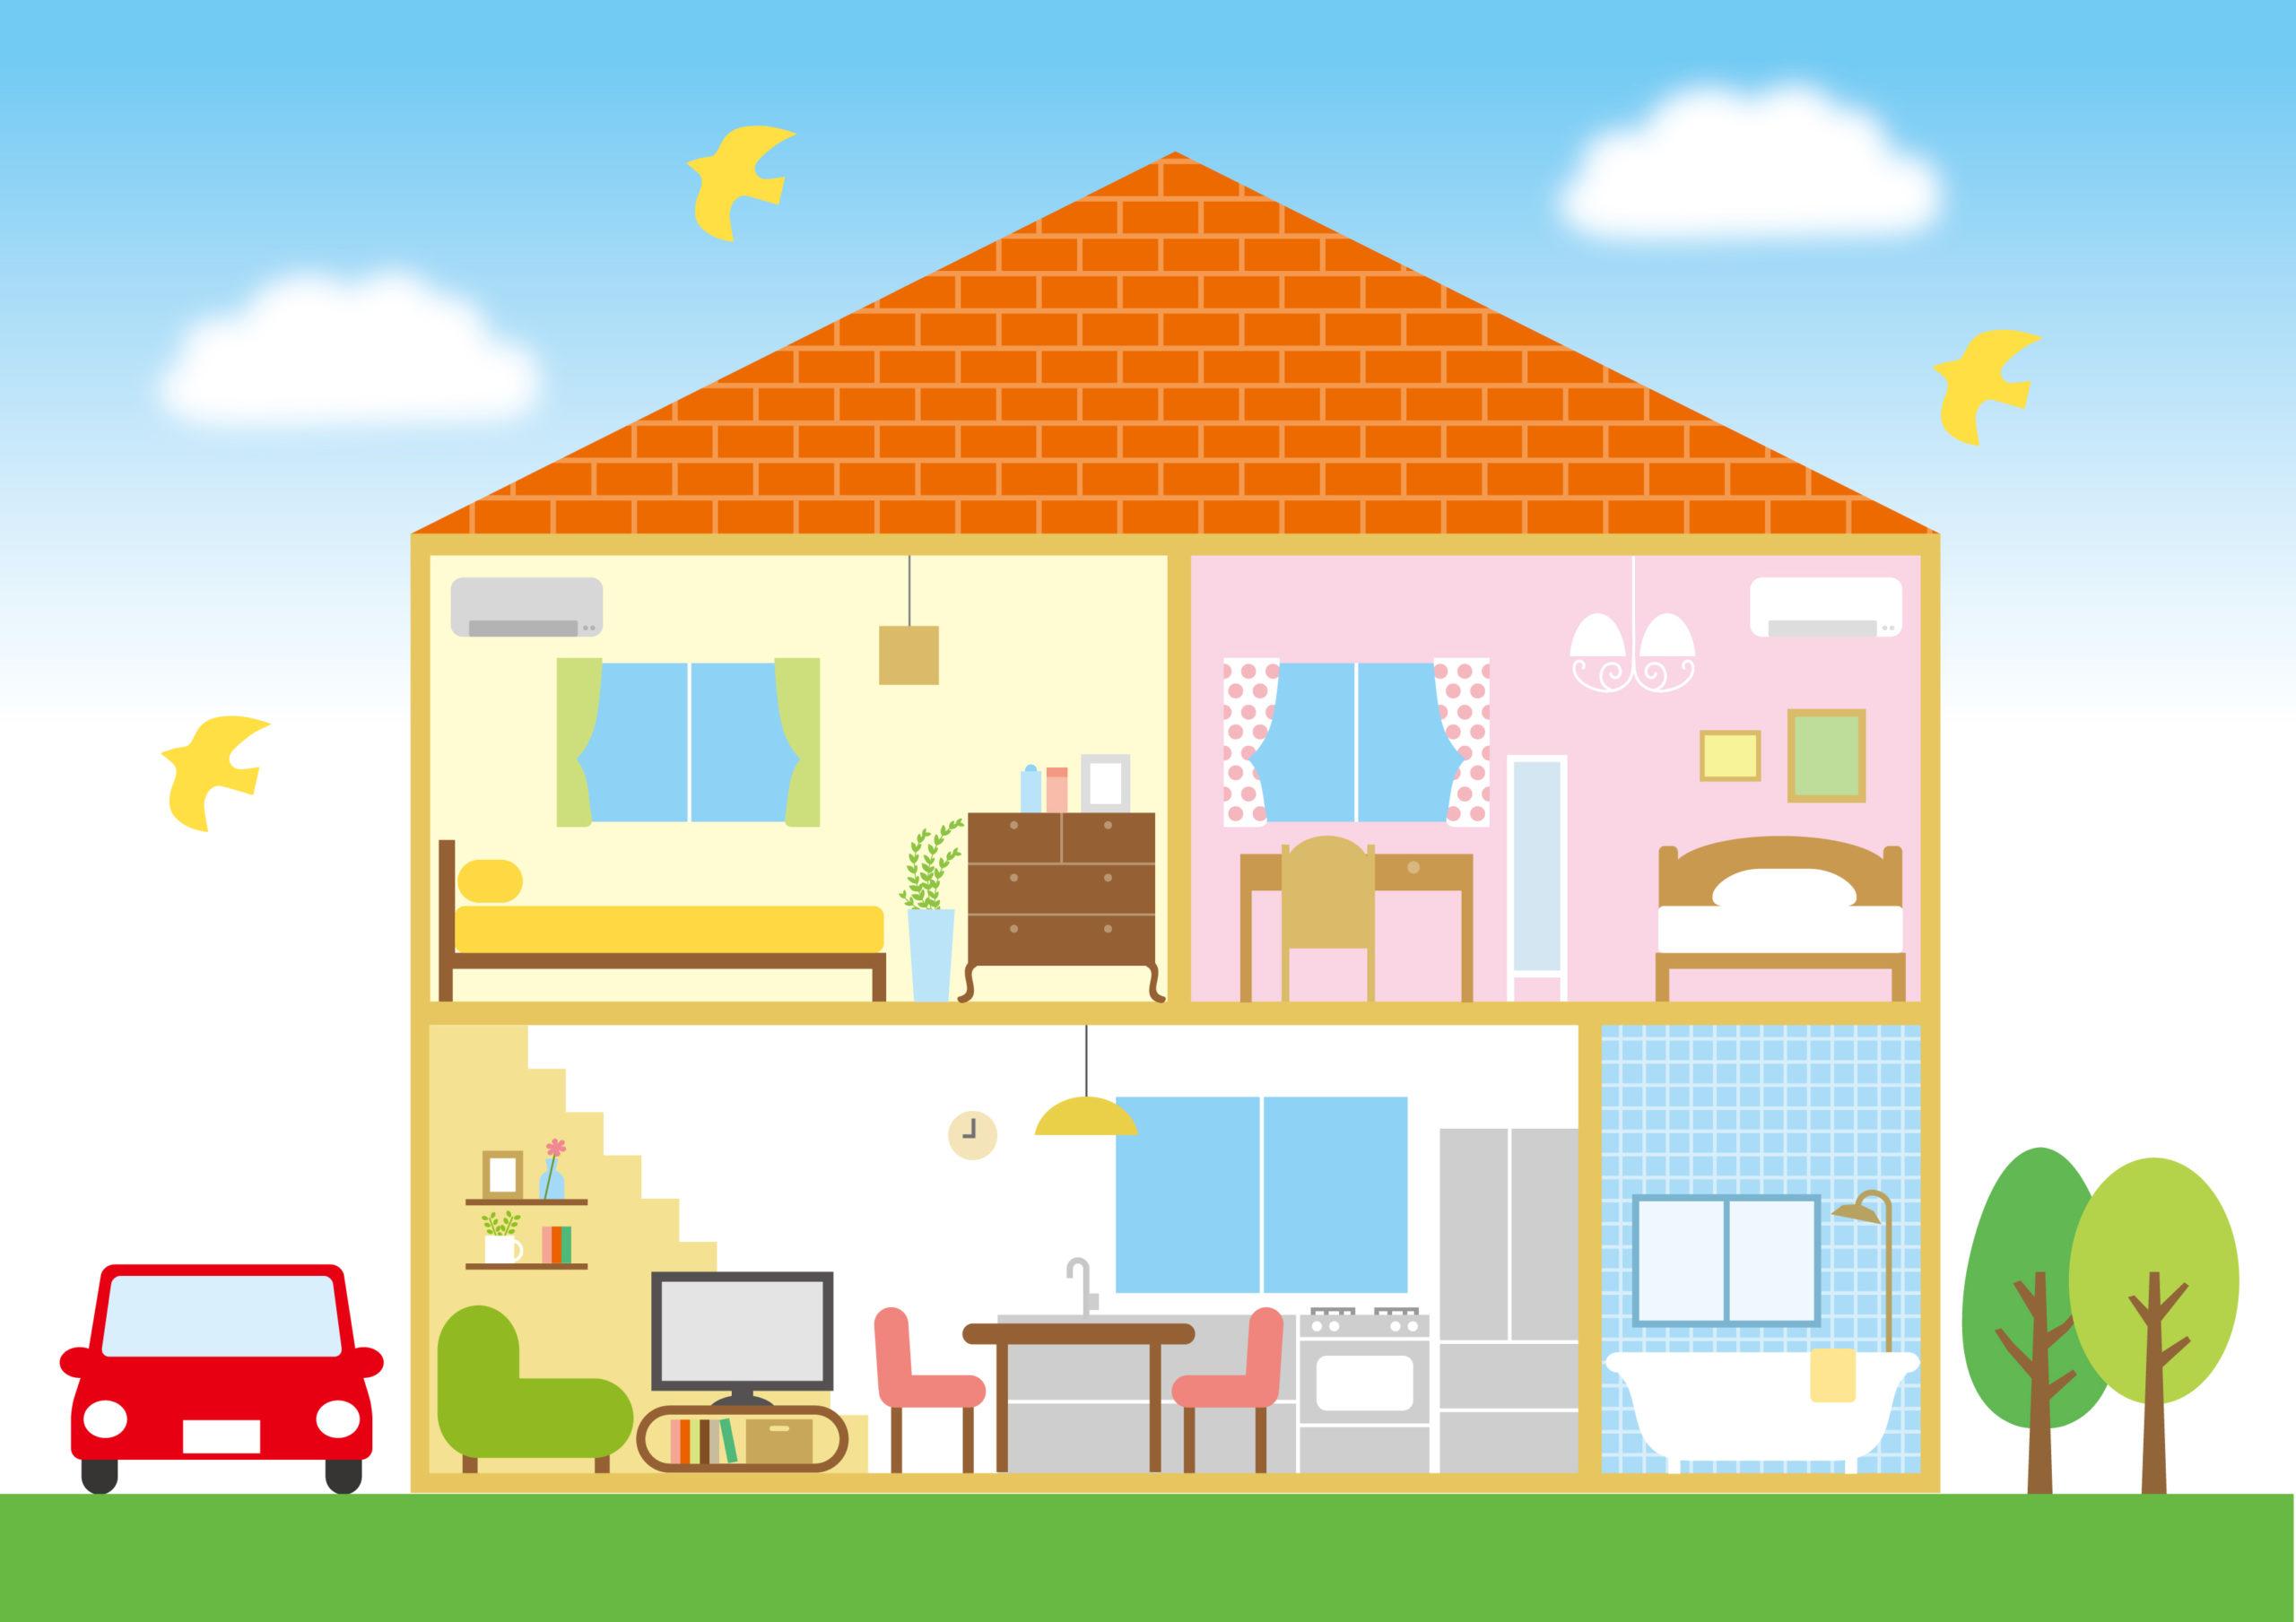 賃貸の間取りの1畳【帖・j】はどのくらいの広さで何を基準にしてる?